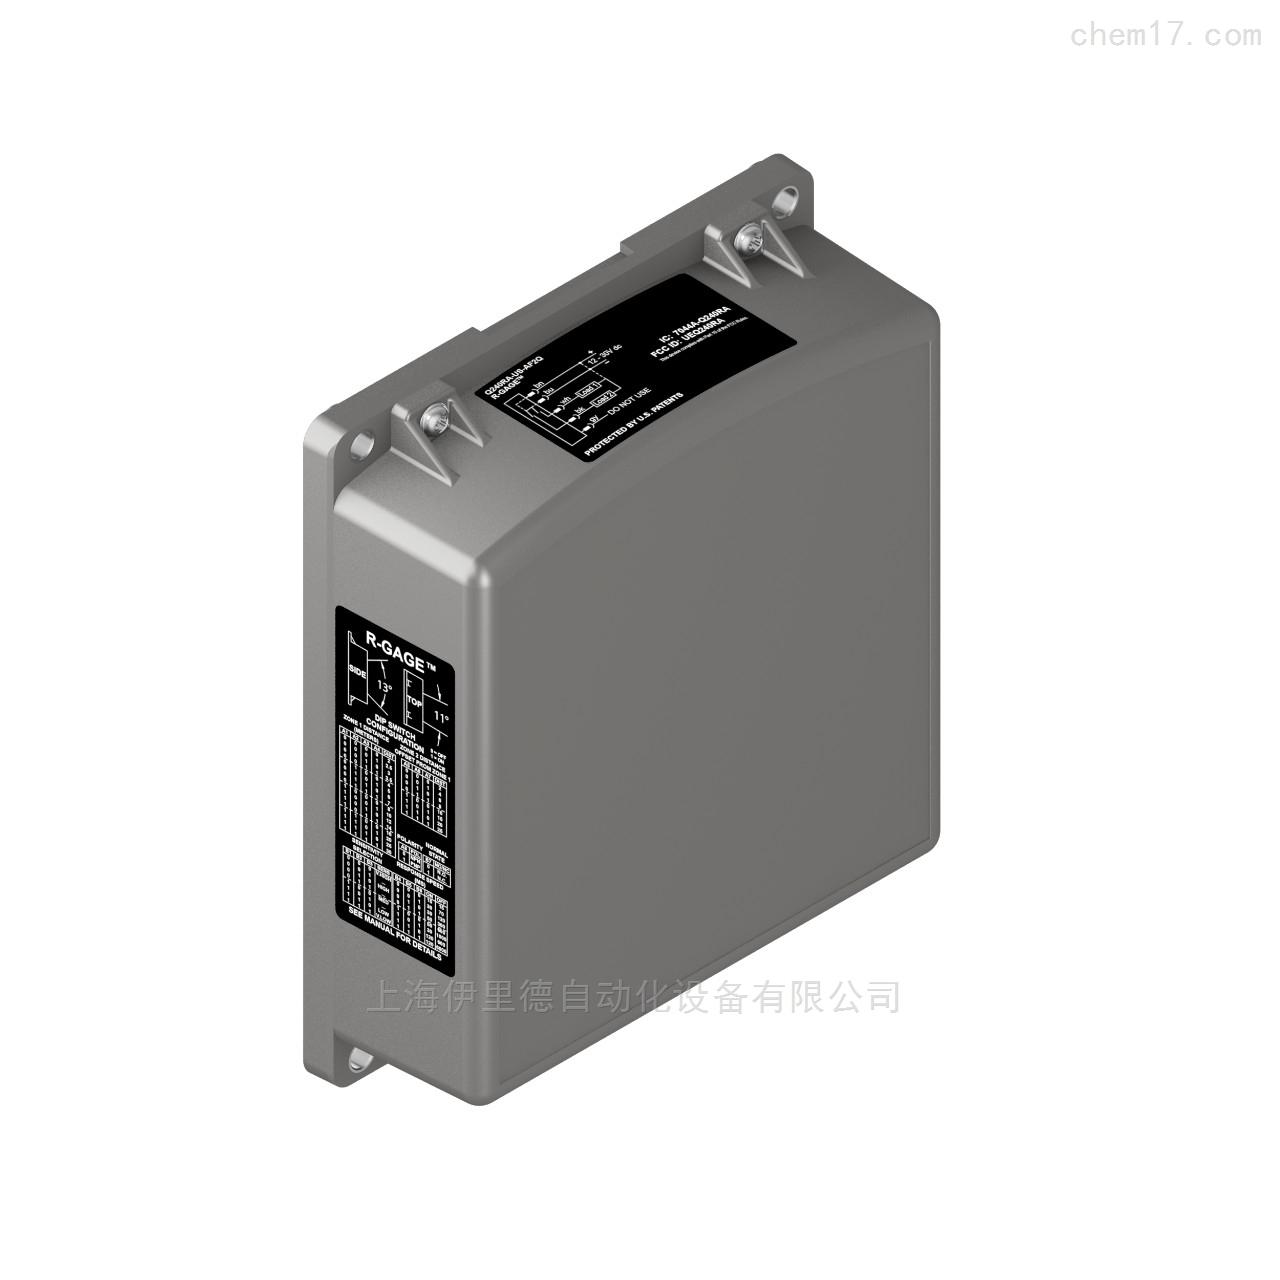 美国邦纳BANNER窄波束雷达传感器